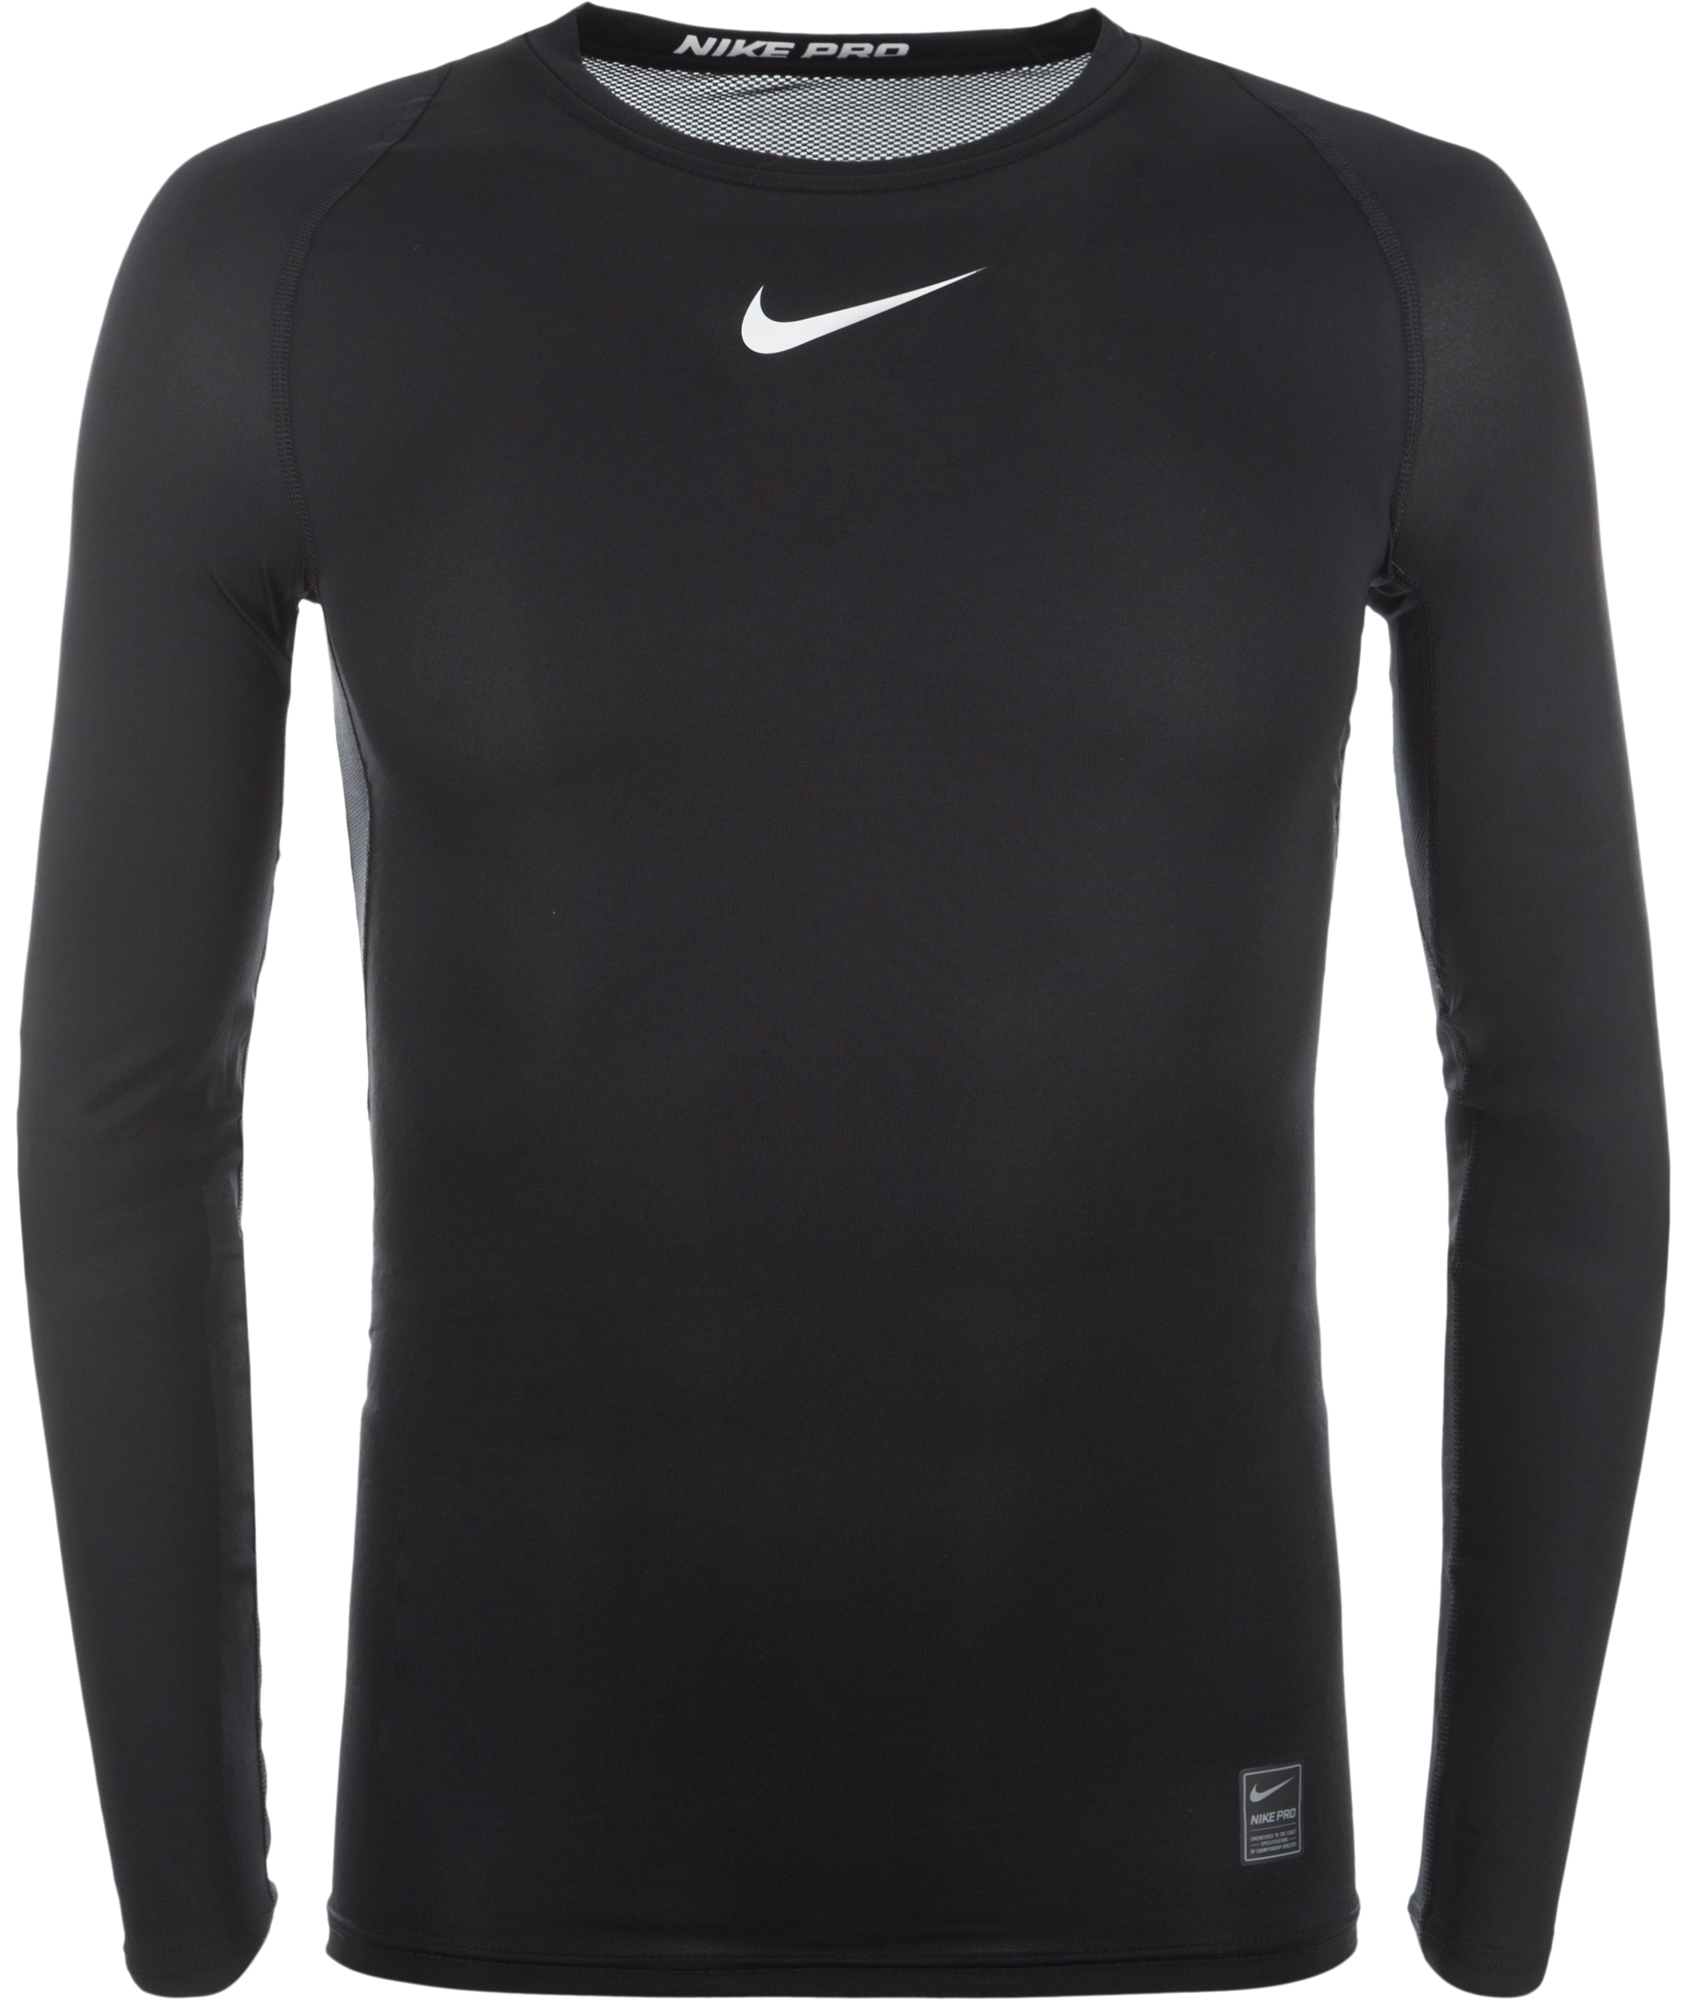 Nike Футболка с длинным рукавом мужская Nike Pro, размер 54-56 nike футболка мужская nike cool miler